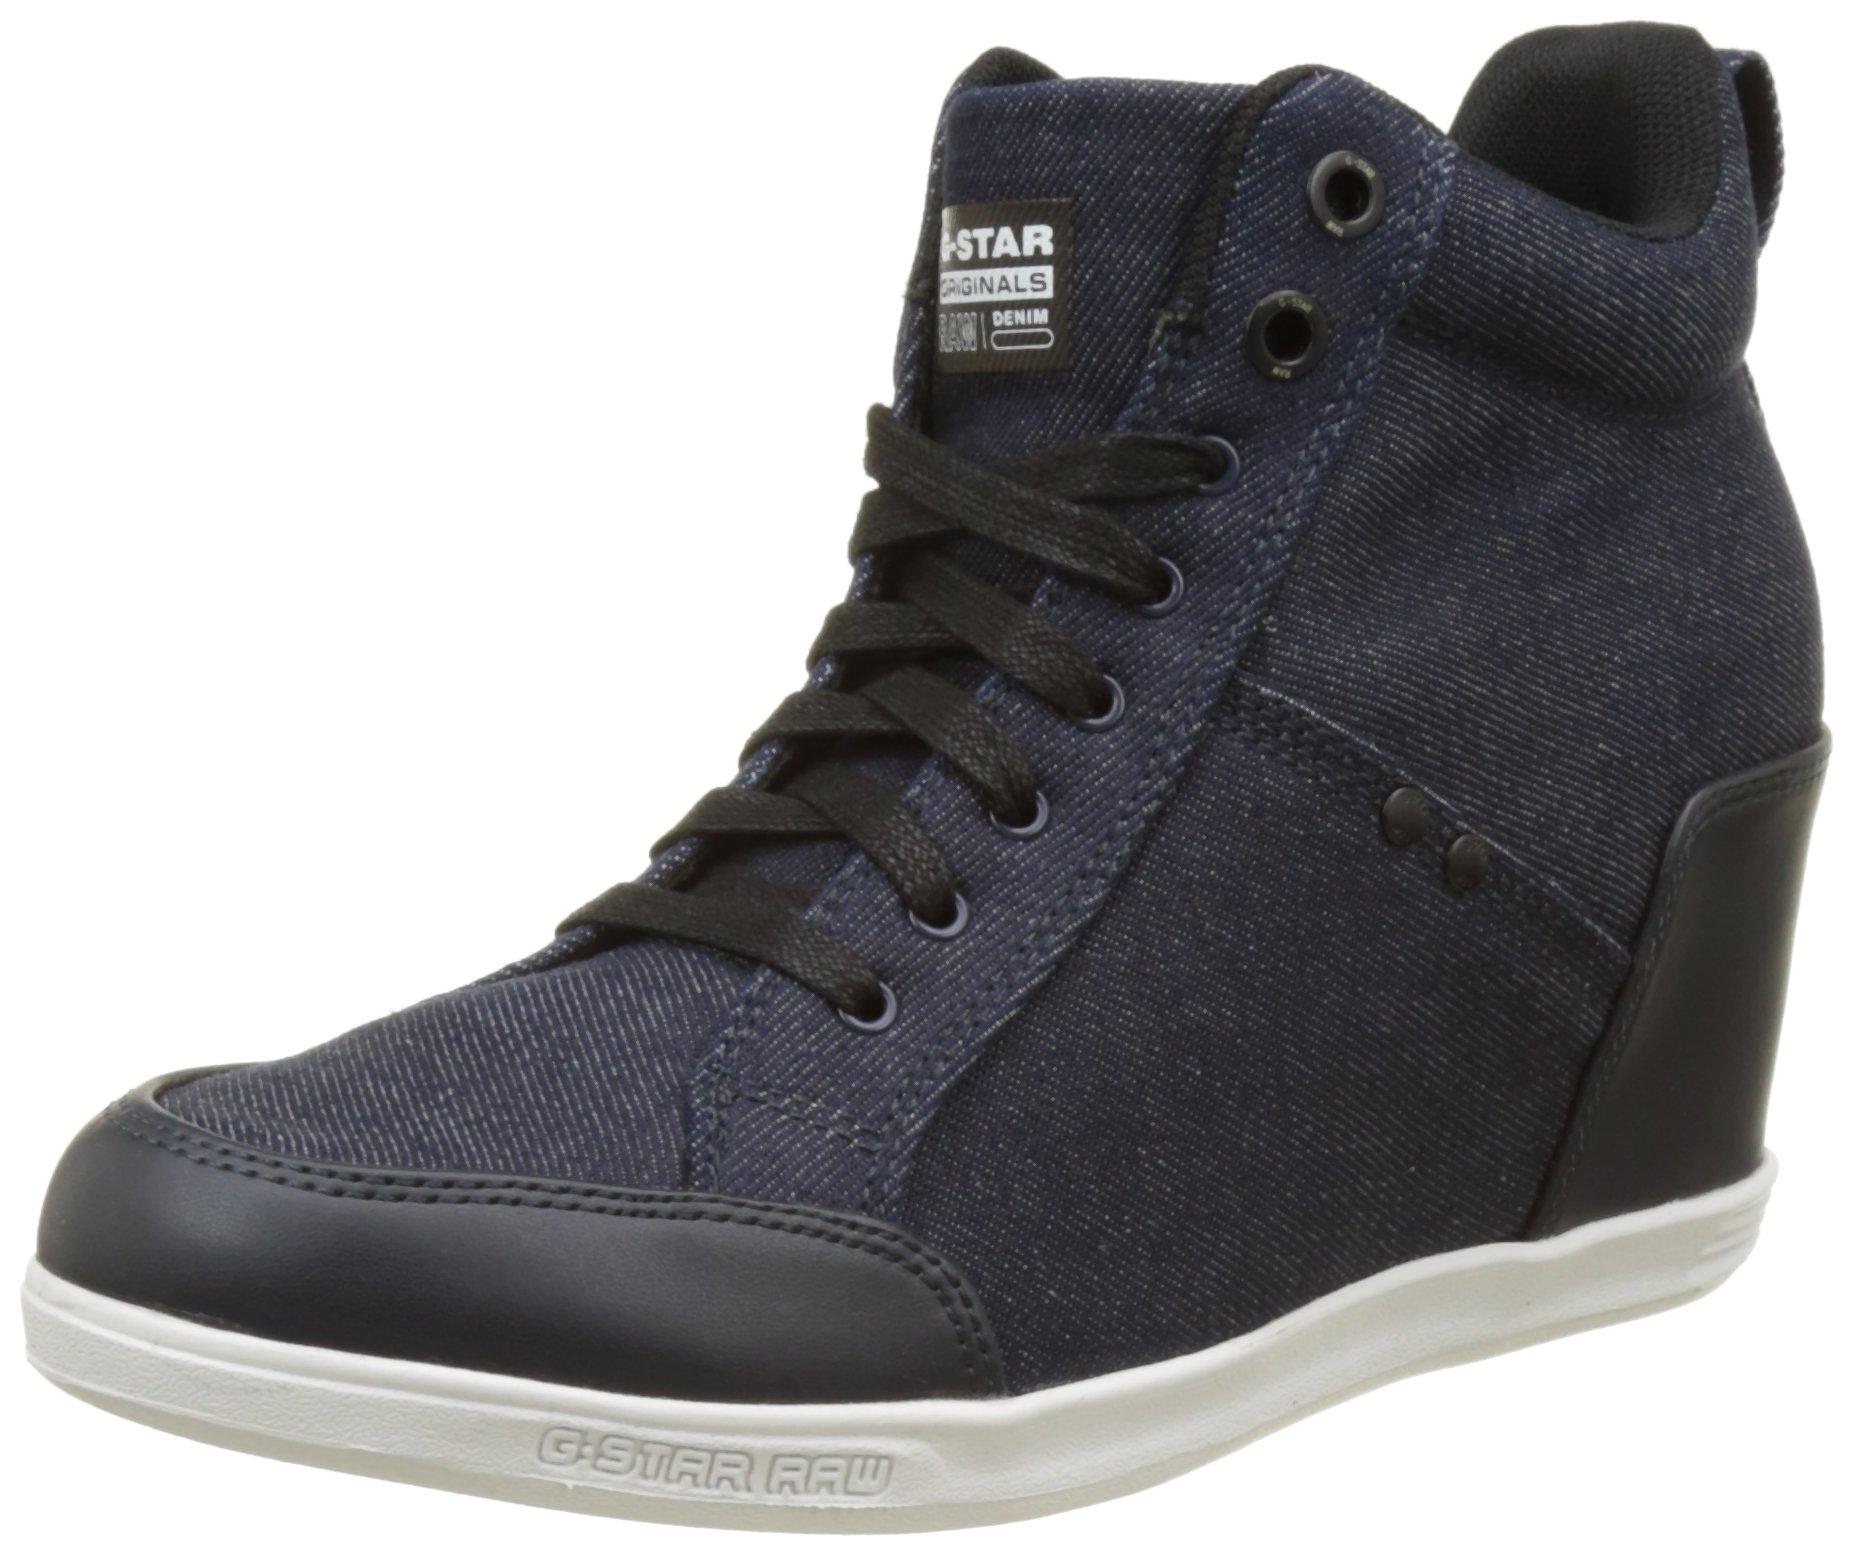 Navy Raw Labour WedgeSneakers G 88140 FemmeBleudark Eu star New Hautes rQdtsh